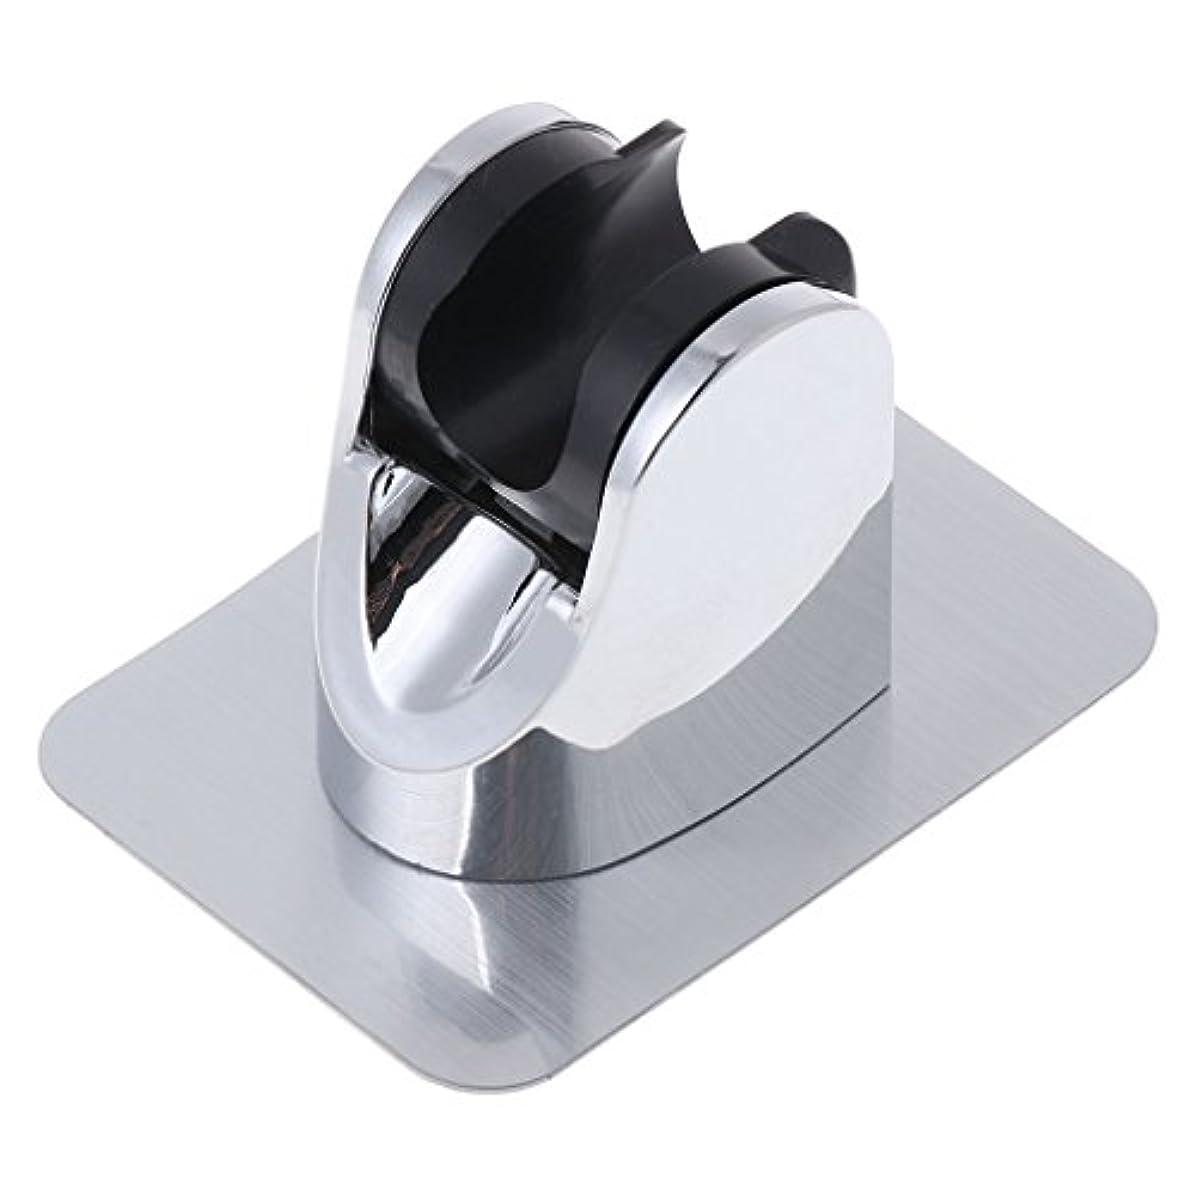 テメリティモディッシュゼリーLamdooヘッドホルダー調節可能ドリルブラケットマウントシャワーハンドなしステッカー